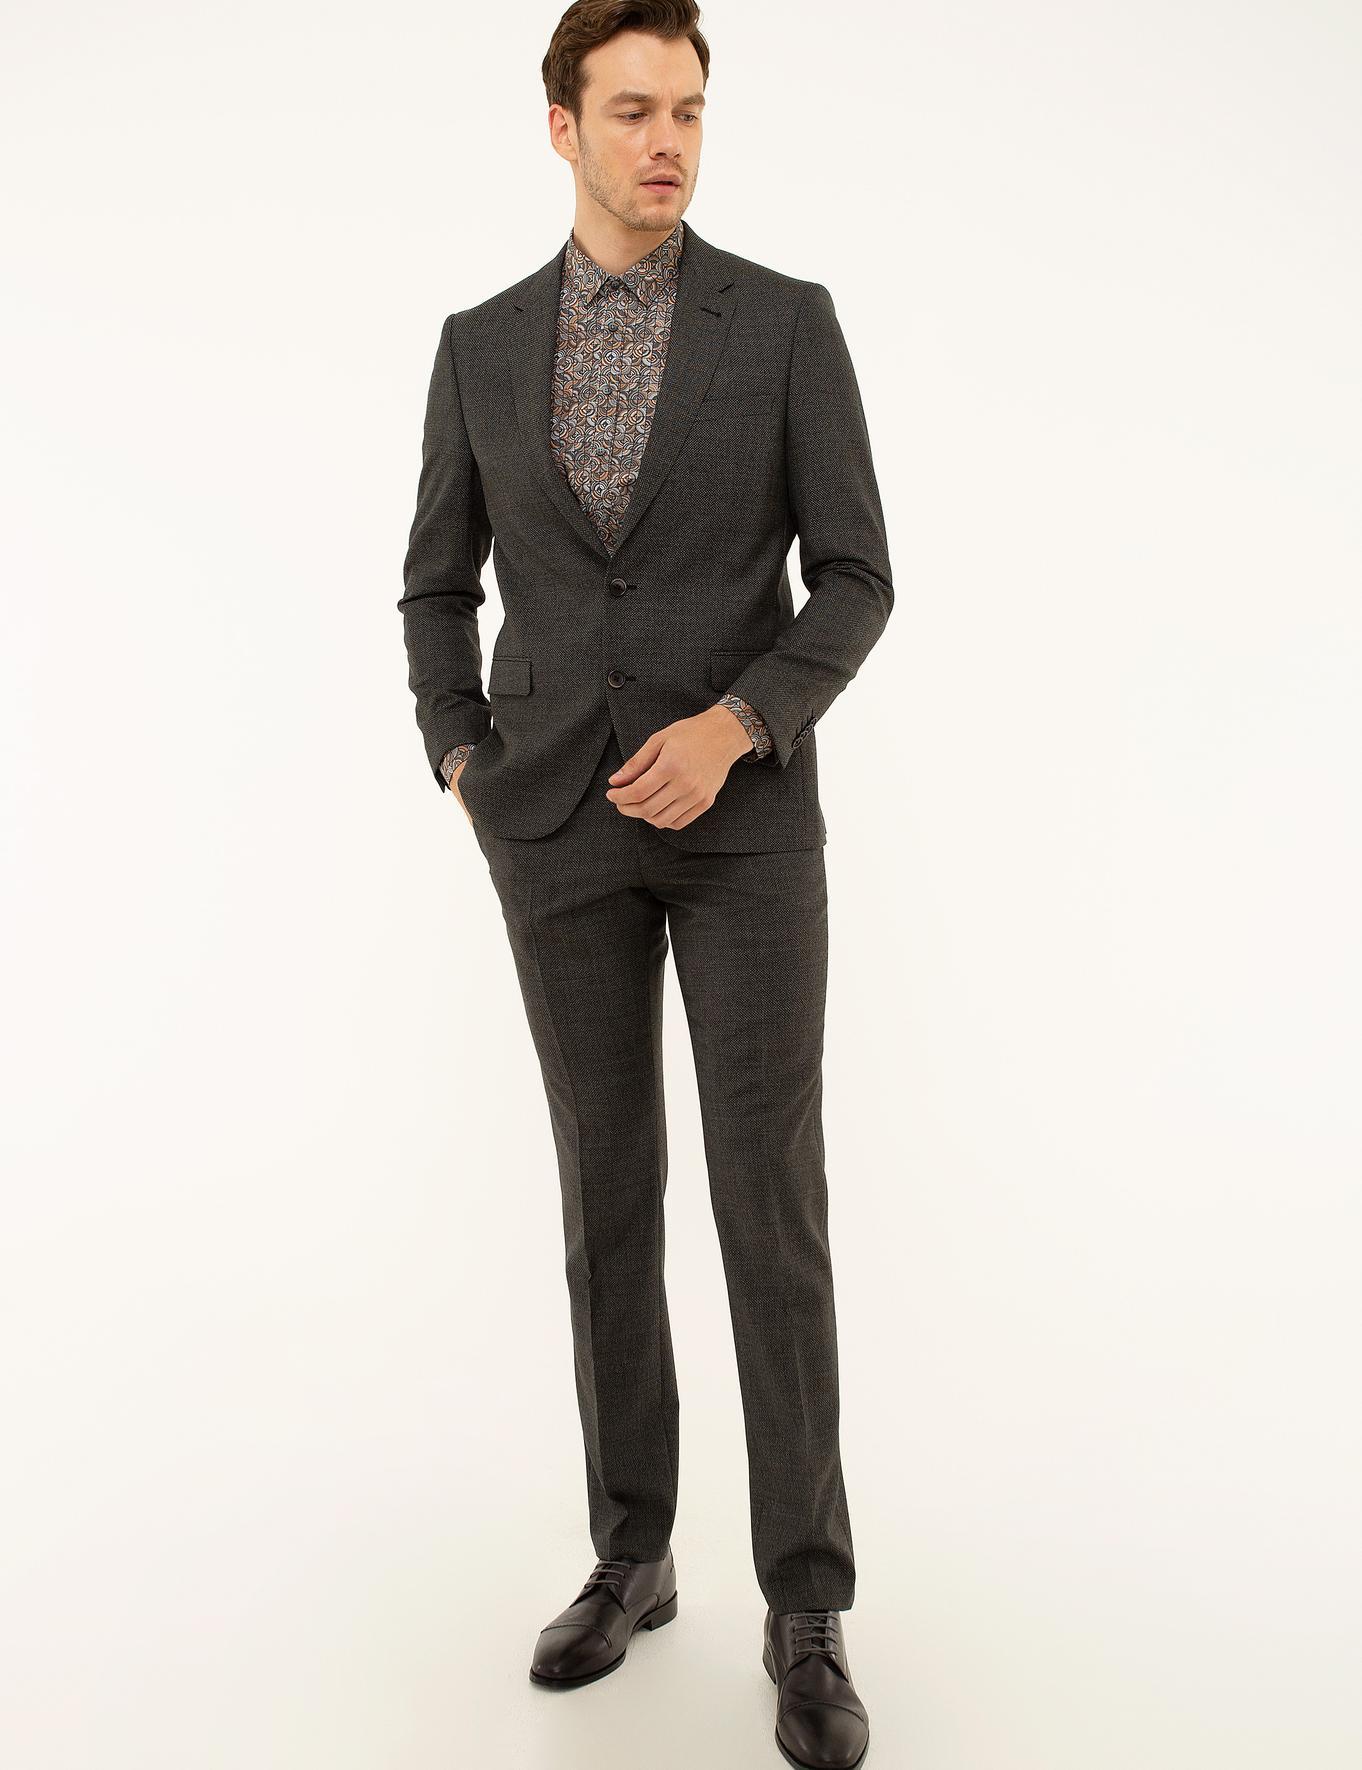 Siyah Slim Fit Takım Elbise - 50213895005